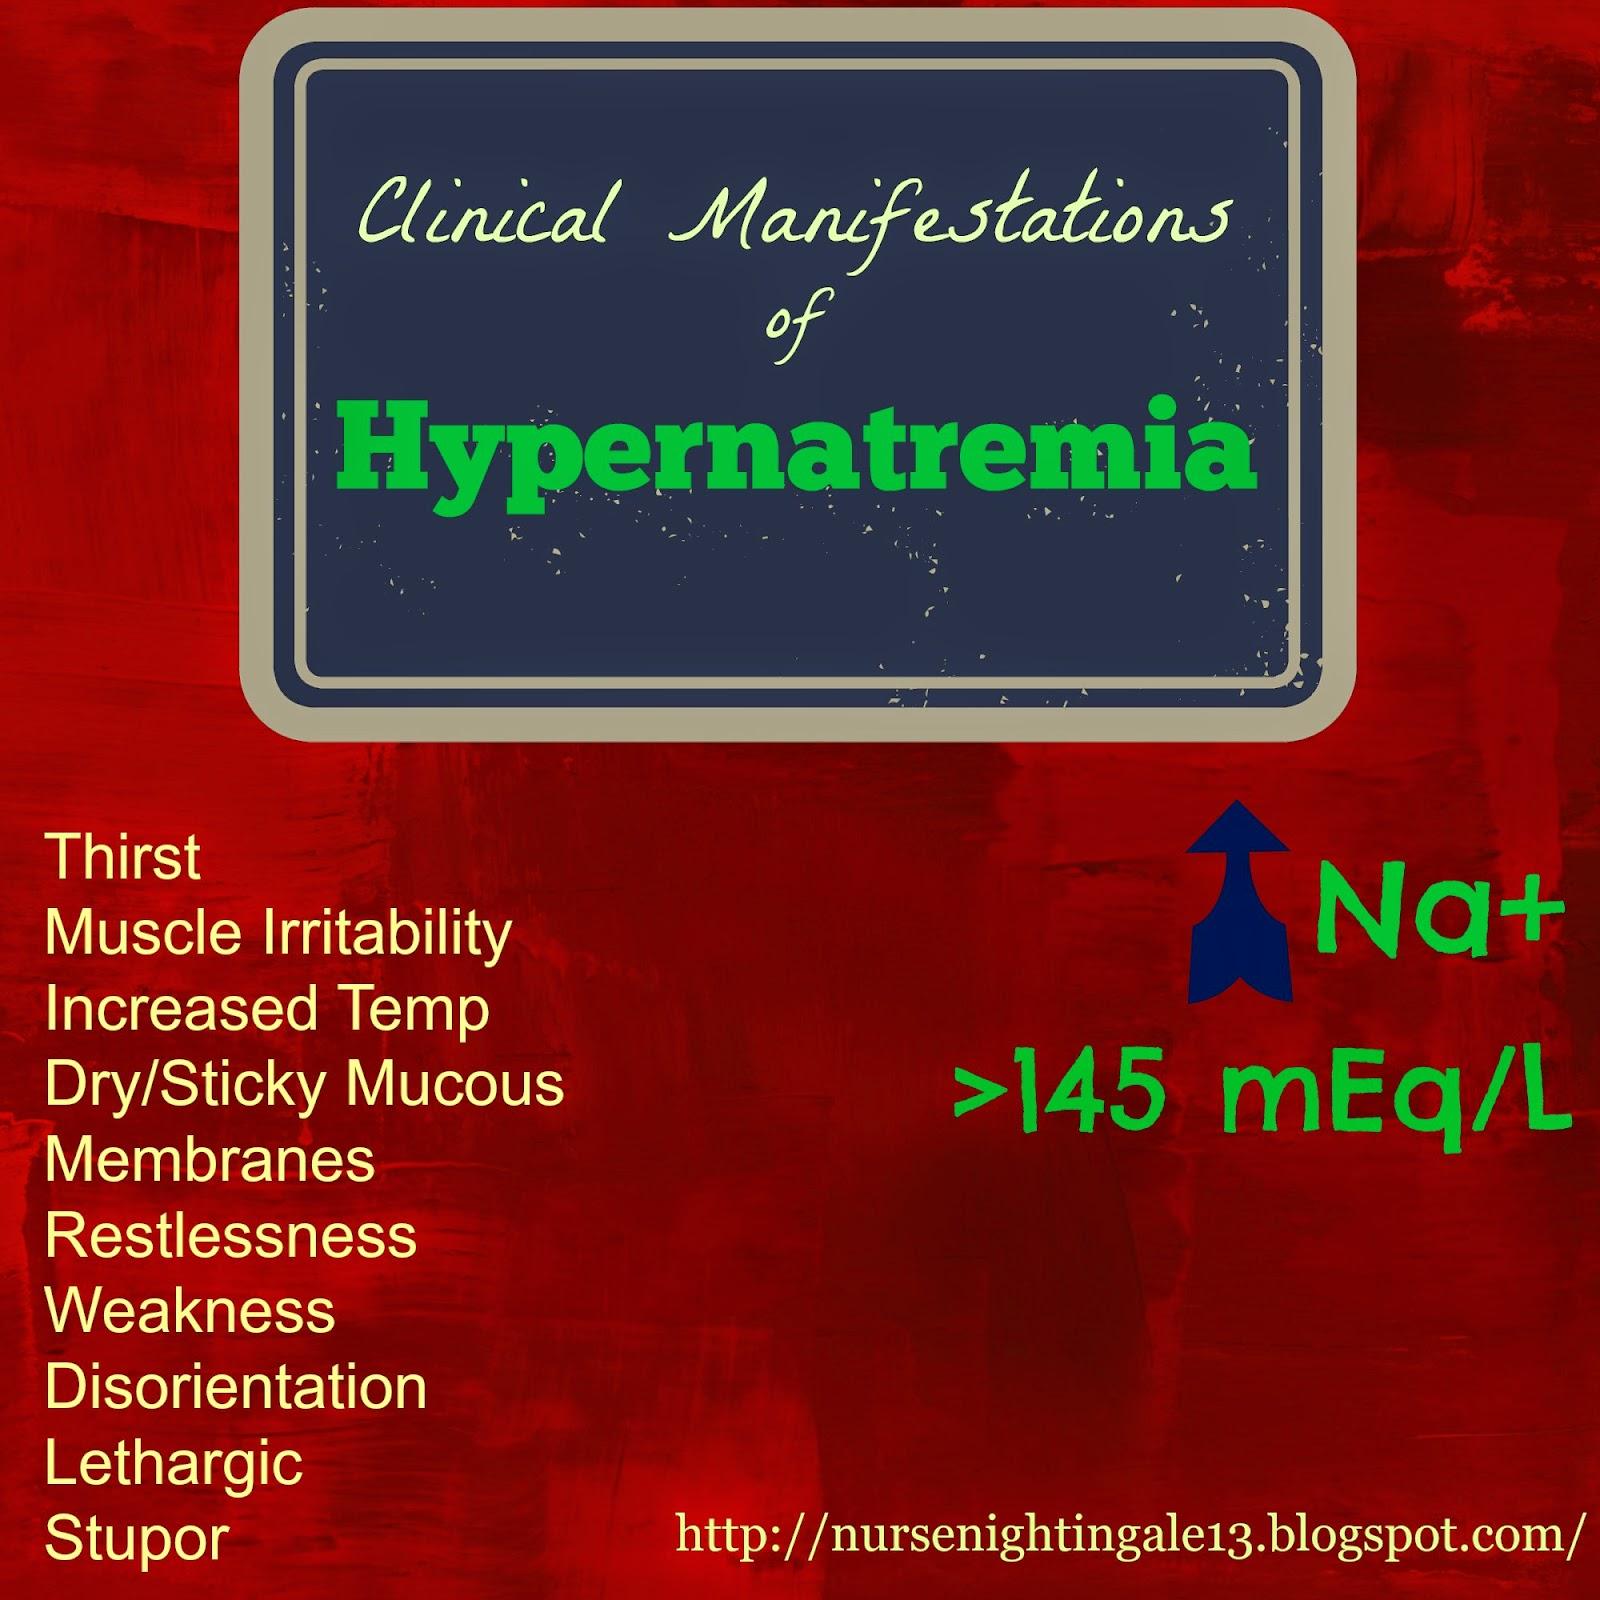 Excess sodium, hypernatremia, nurse, electrolyte